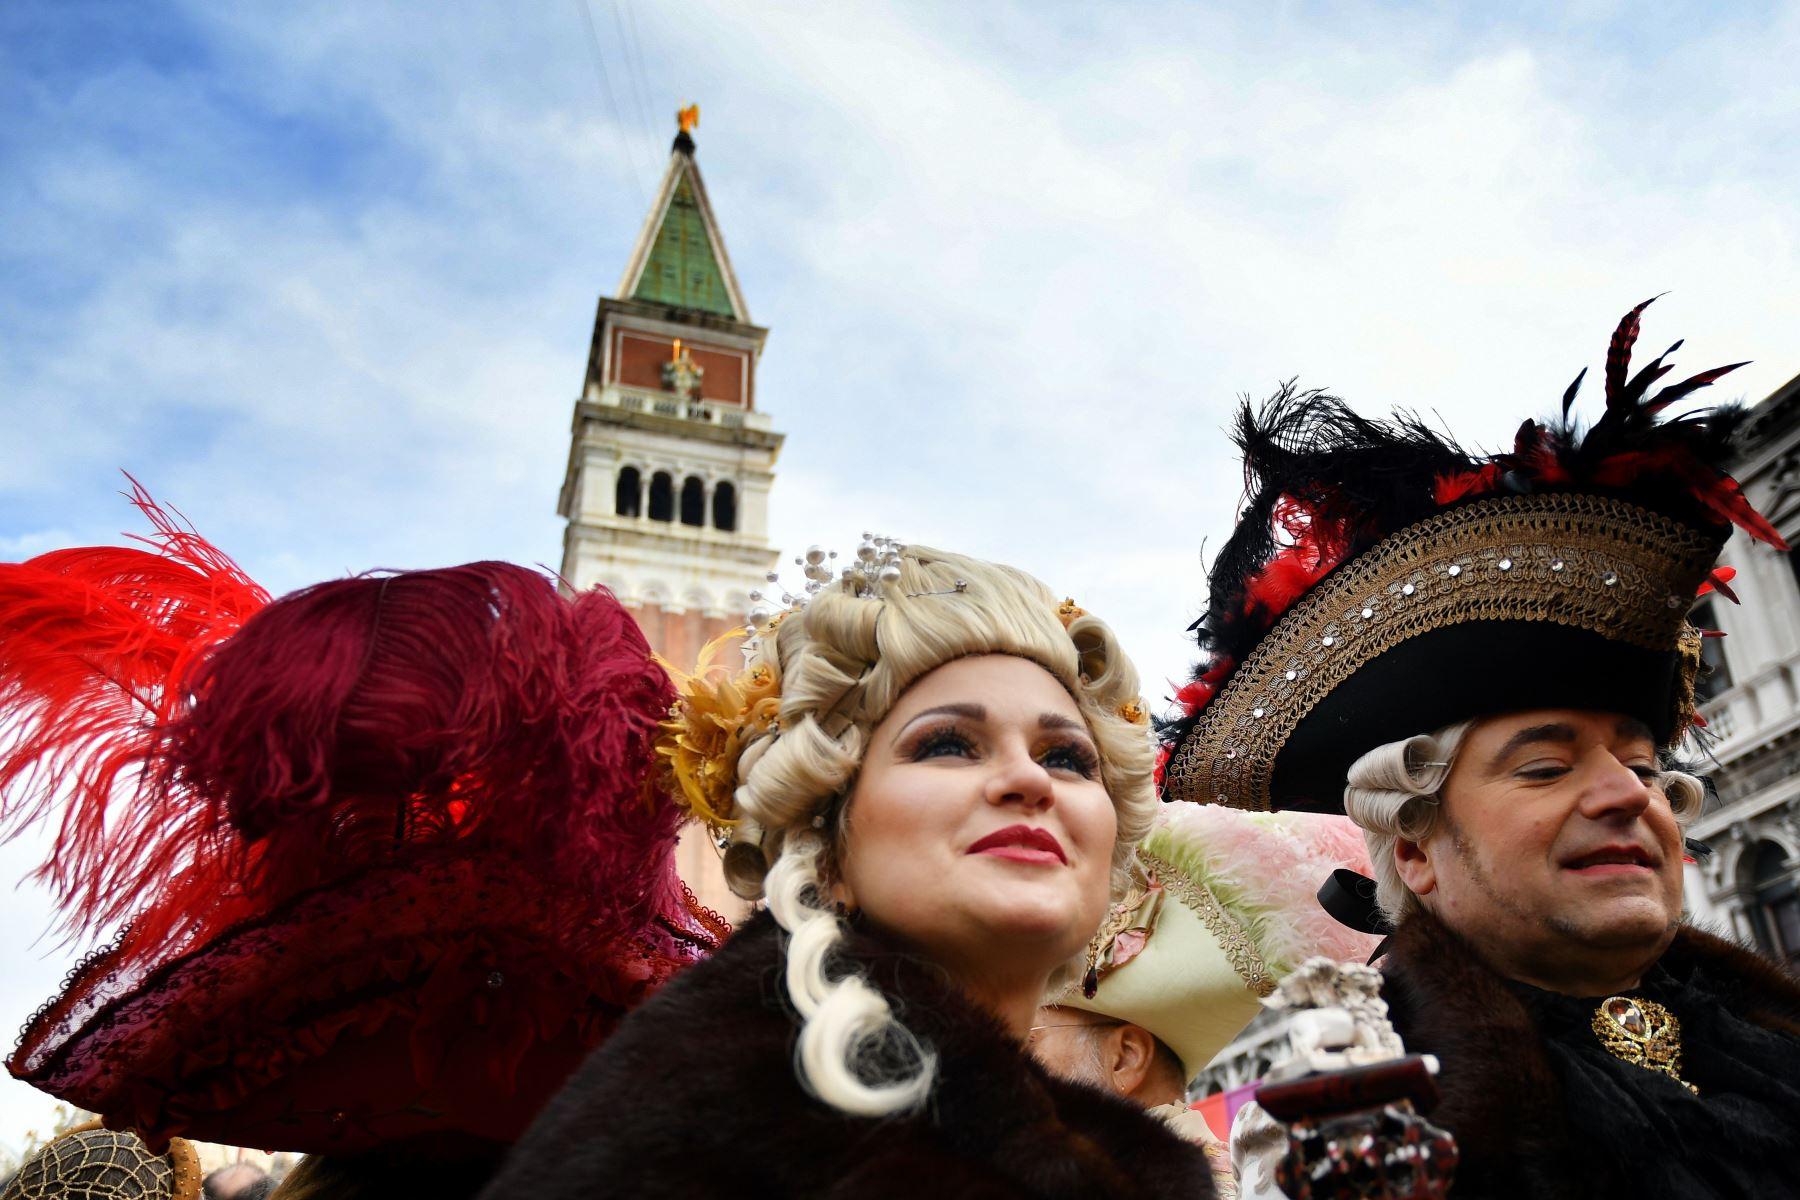 Los participantes con una máscara y un traje de época participan en el Carnaval de Venecia  en la Plaza de San Marcos en Venecia. Foto: AFP